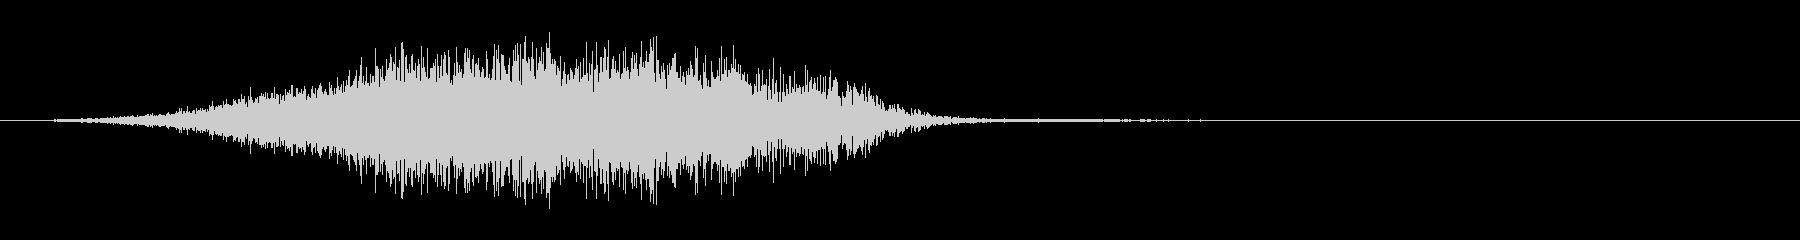 シャープピアスフーシュ3の未再生の波形